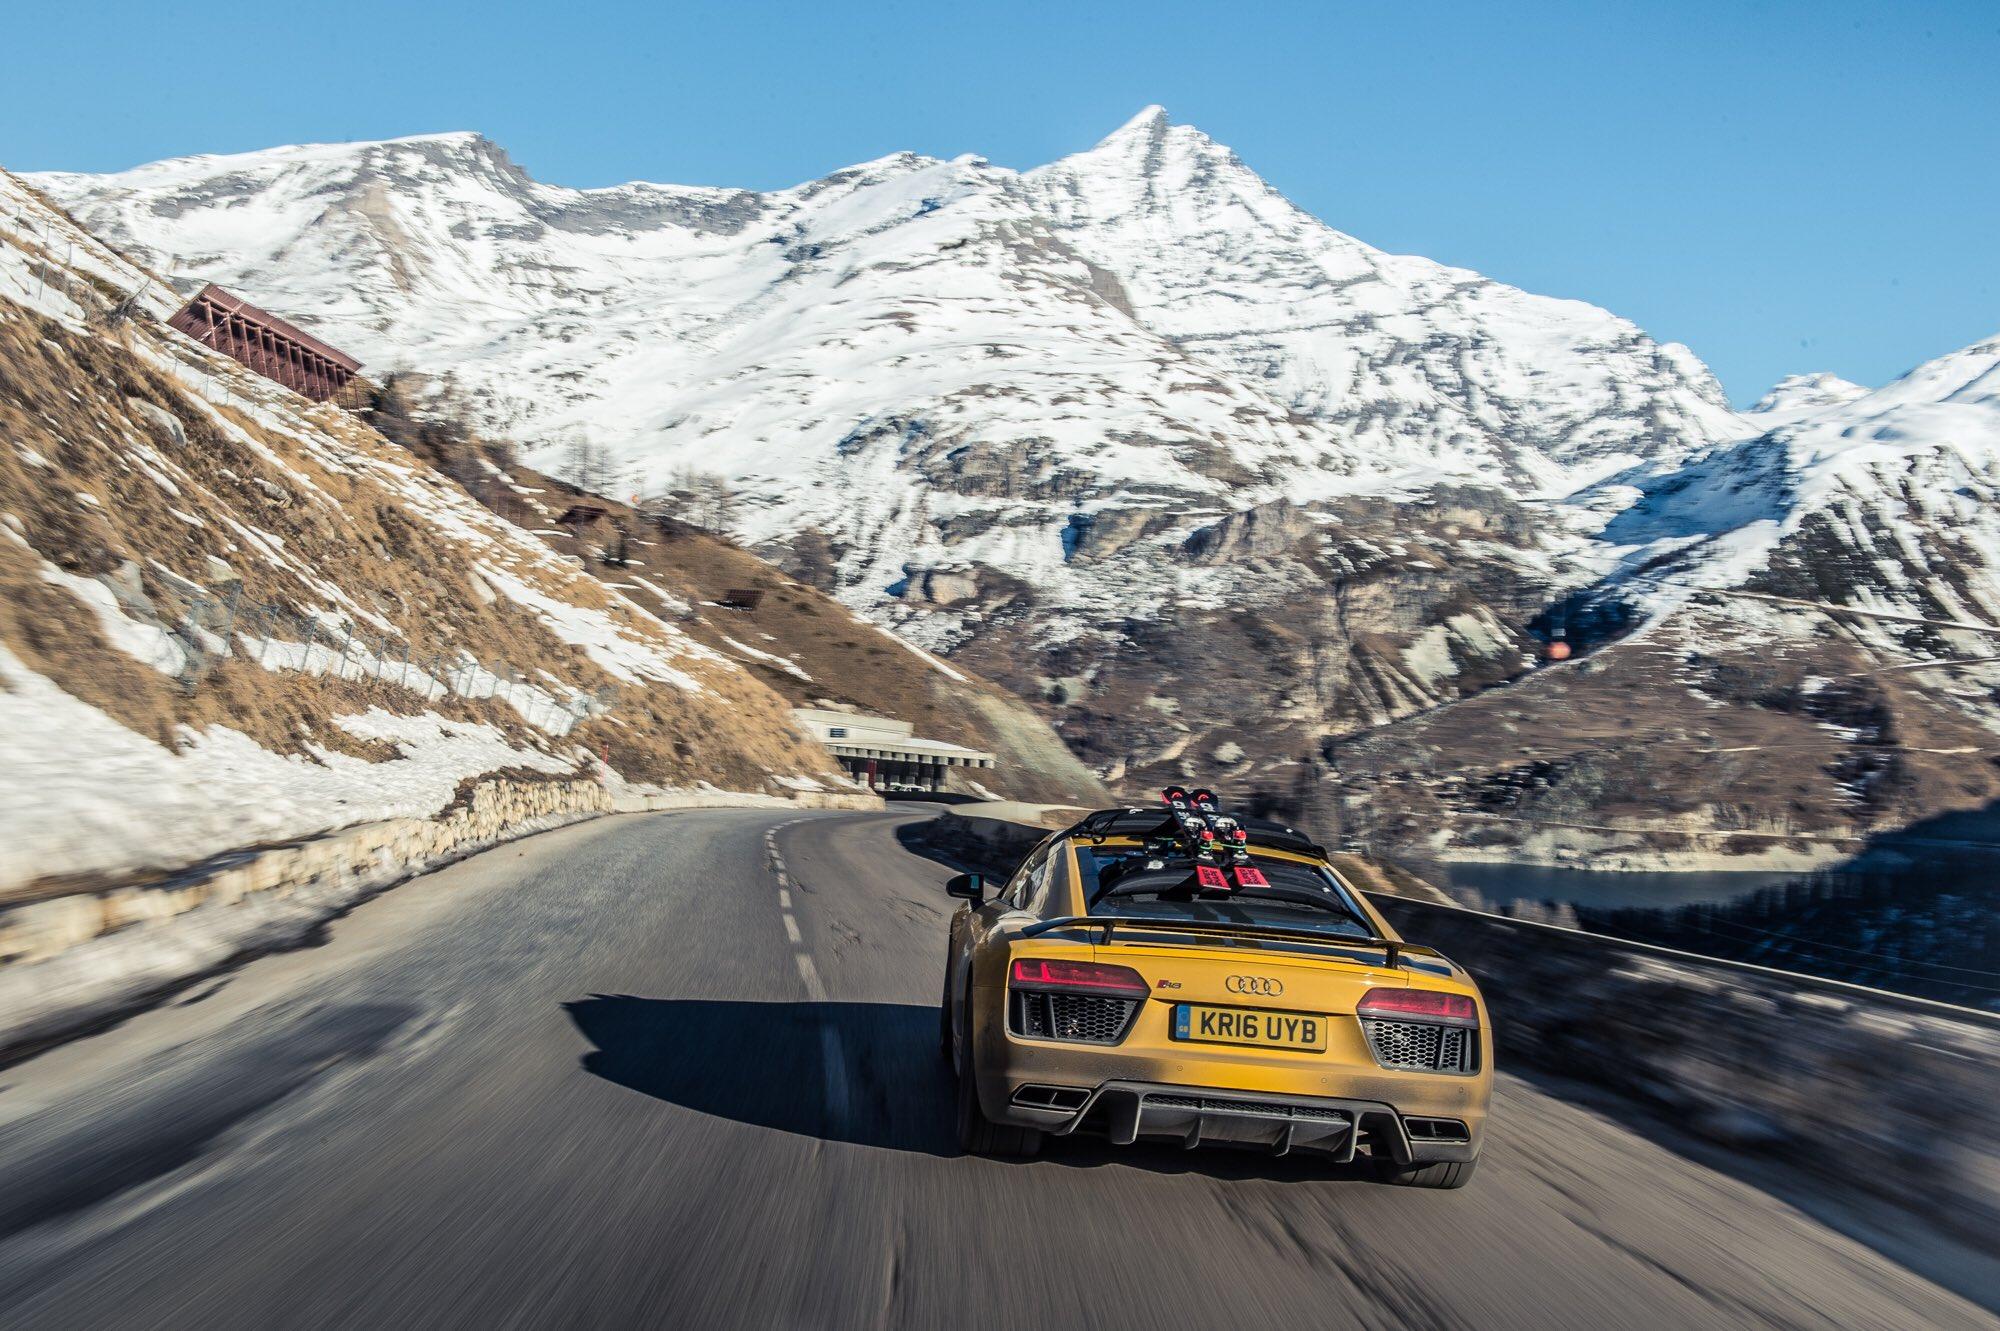 Машины в горах фото